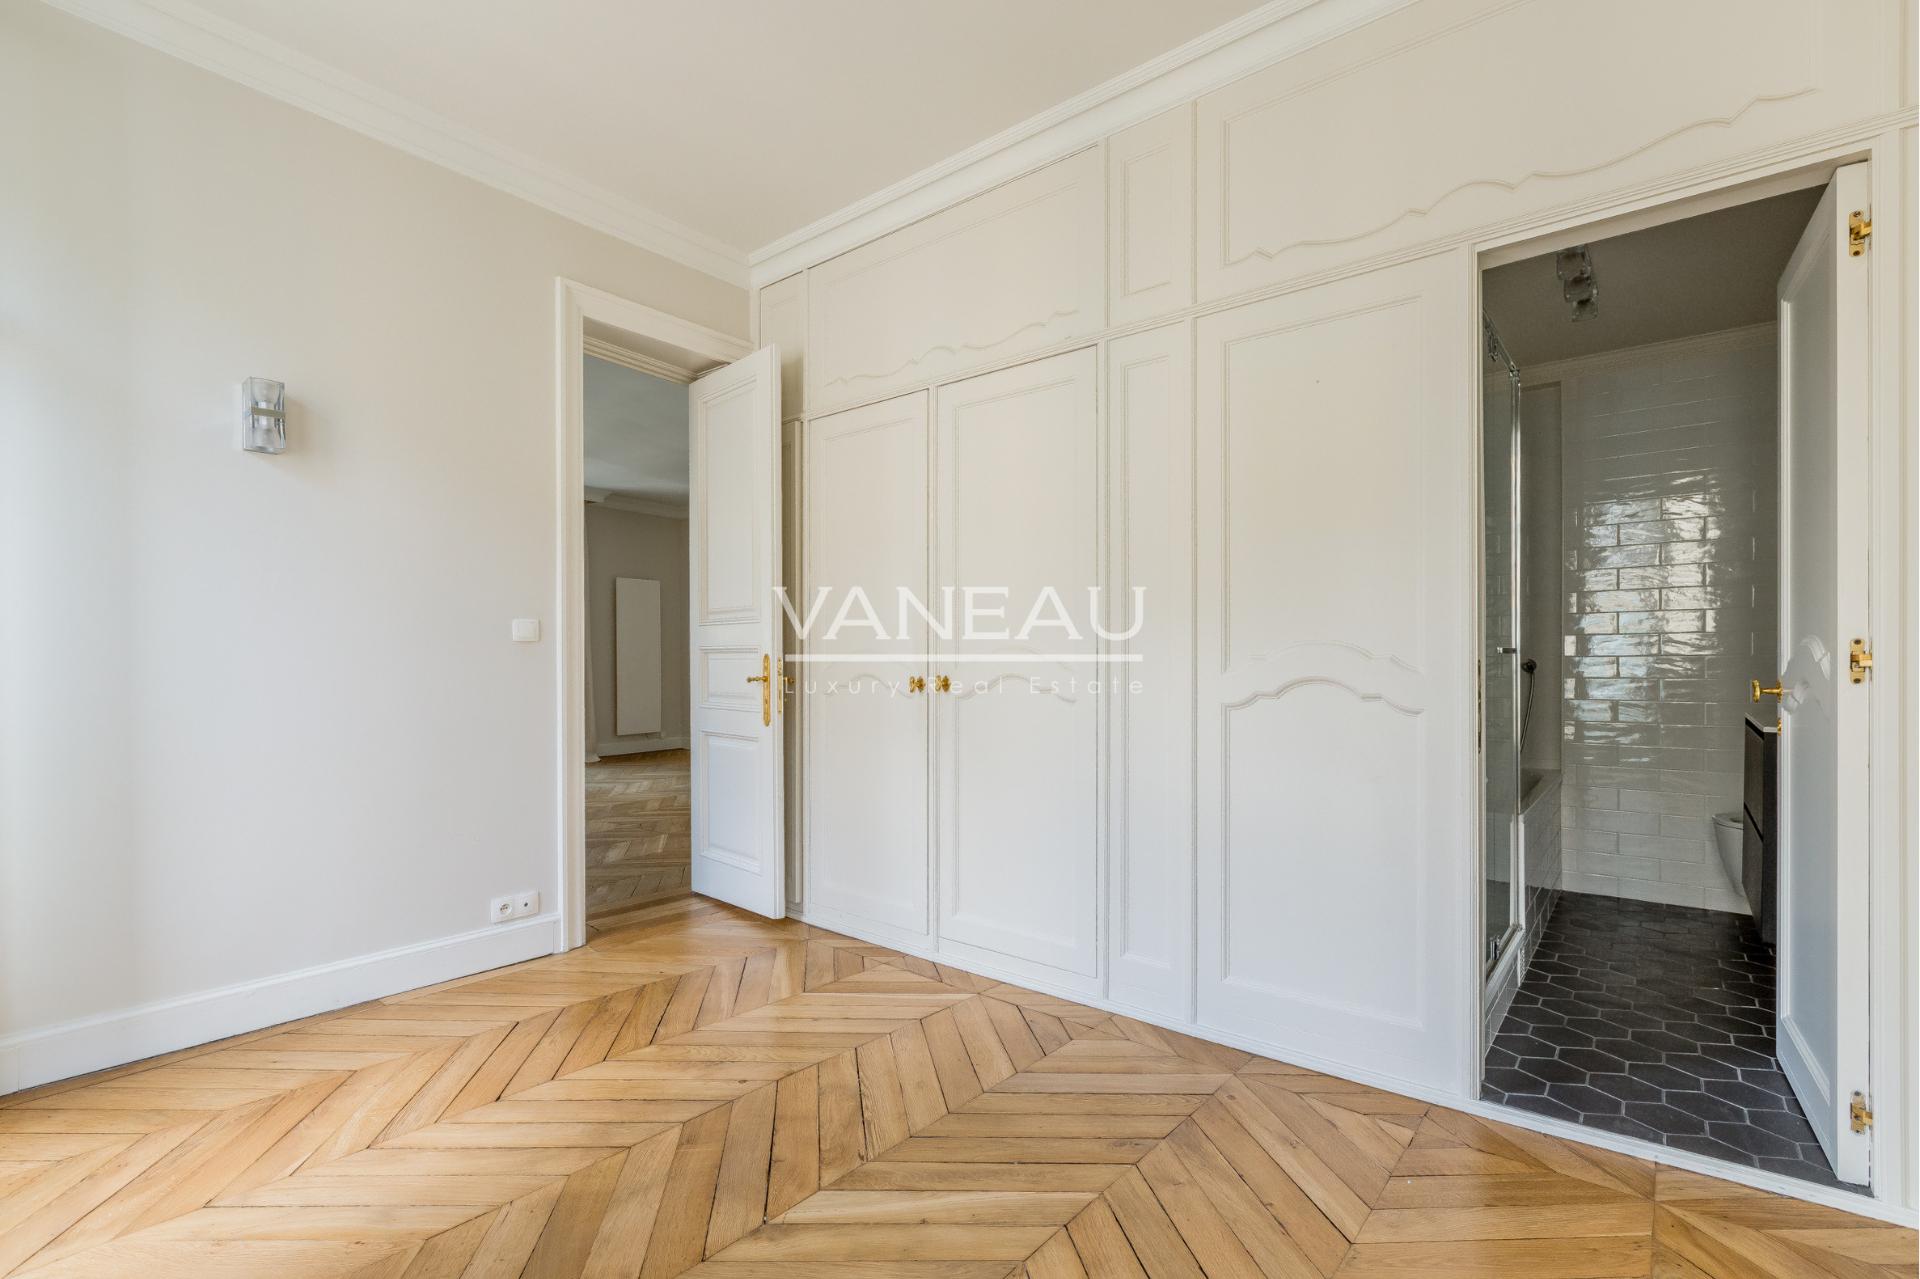 Immobilier Paris – France – Vaneau – 7